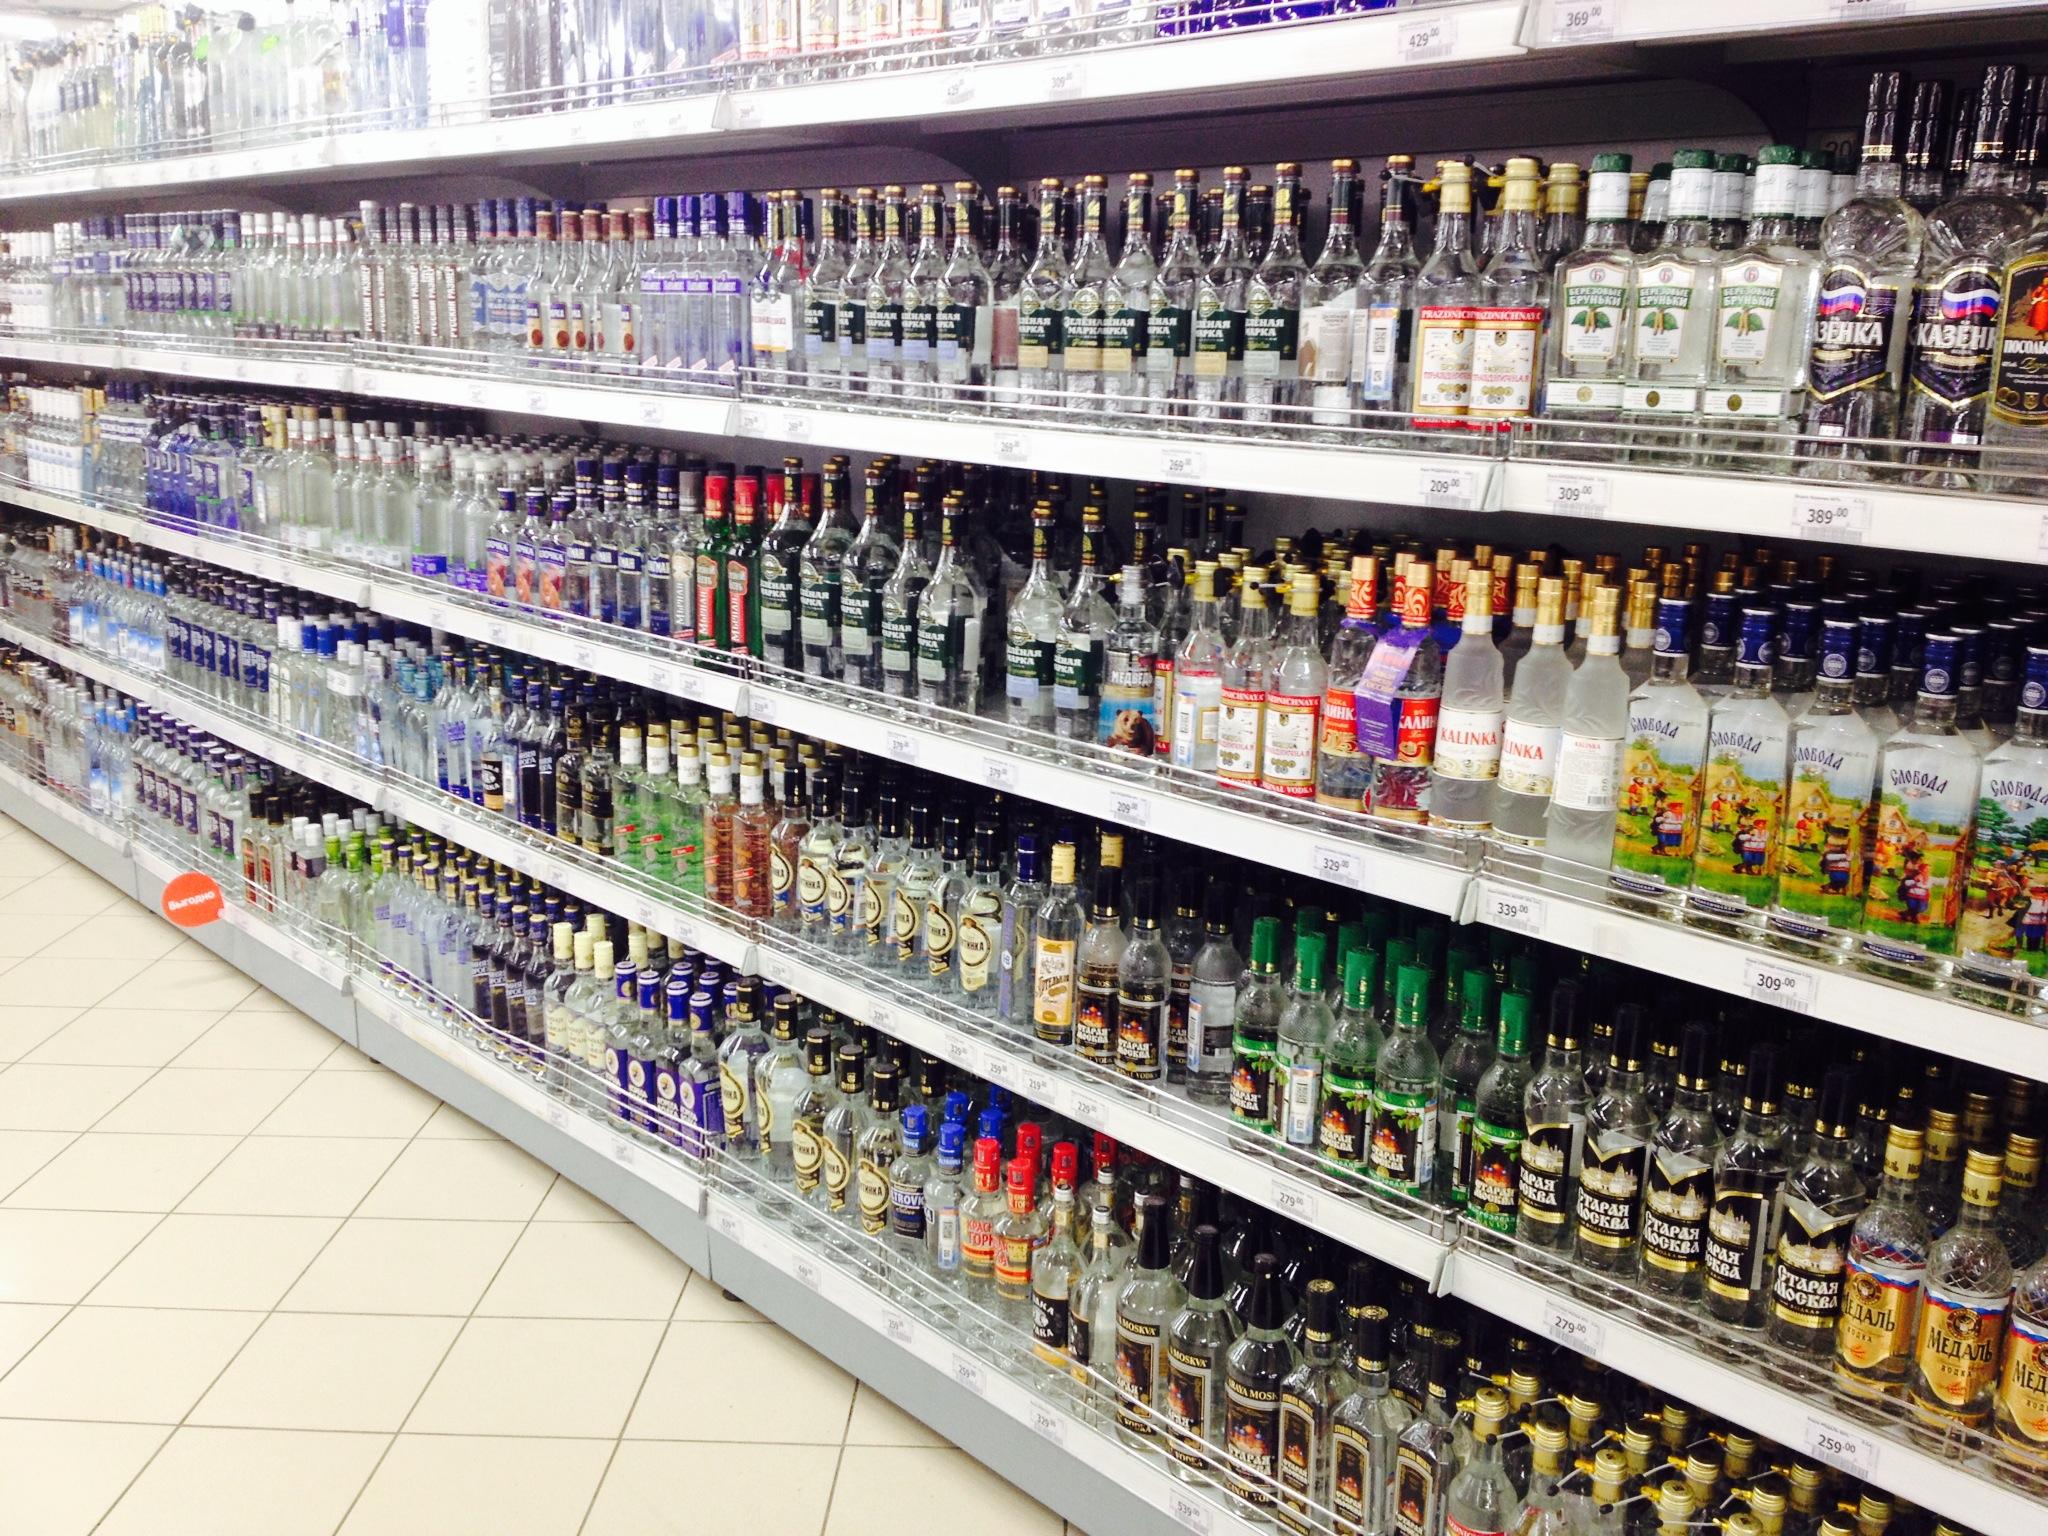 Das Wodka-Regal eines mittelgroßen Supermarktes